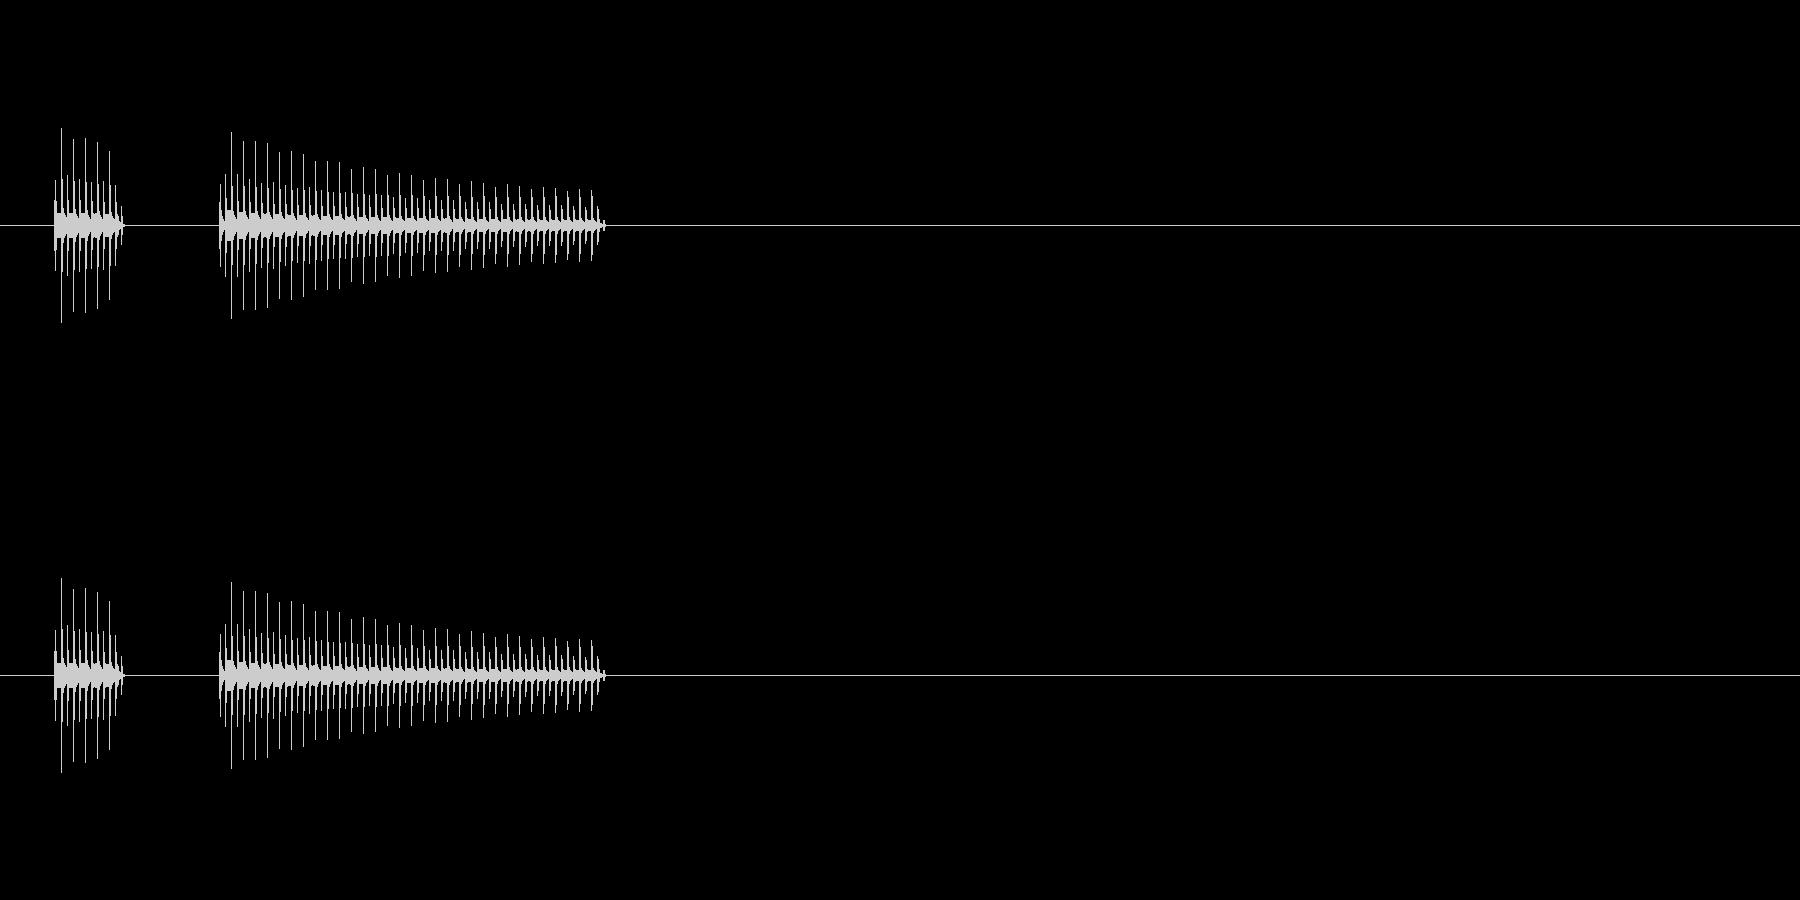 ブブー/クイズゲームの不正解音などにの未再生の波形